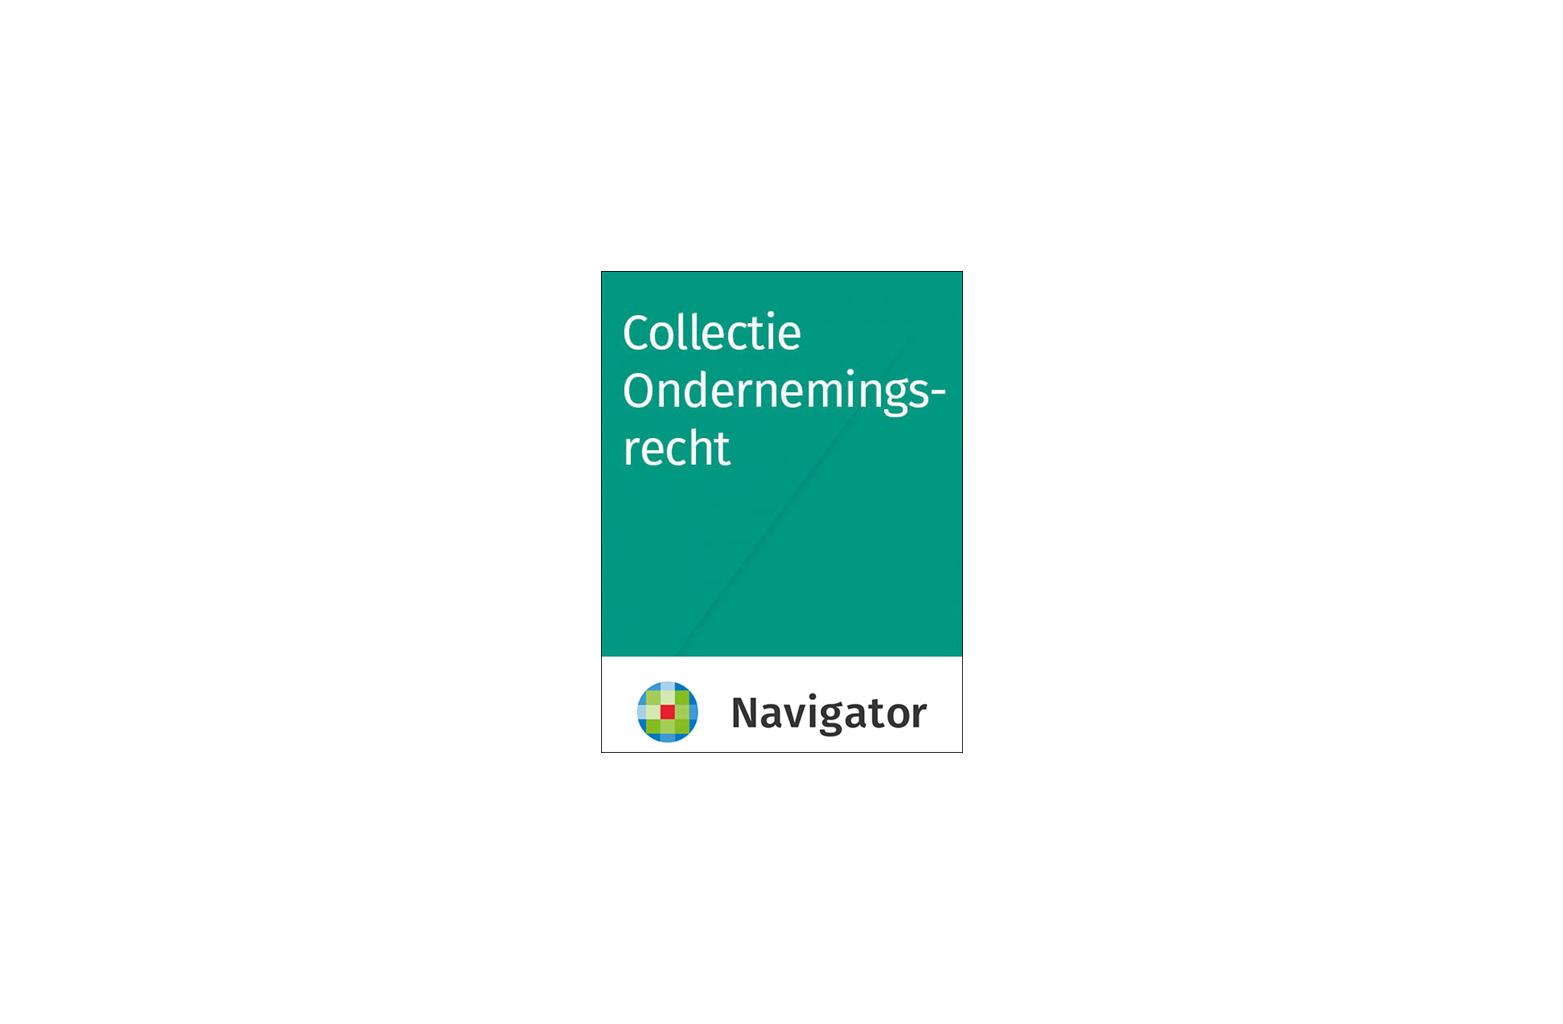 Ondernemingsrecht-collectie-card-2